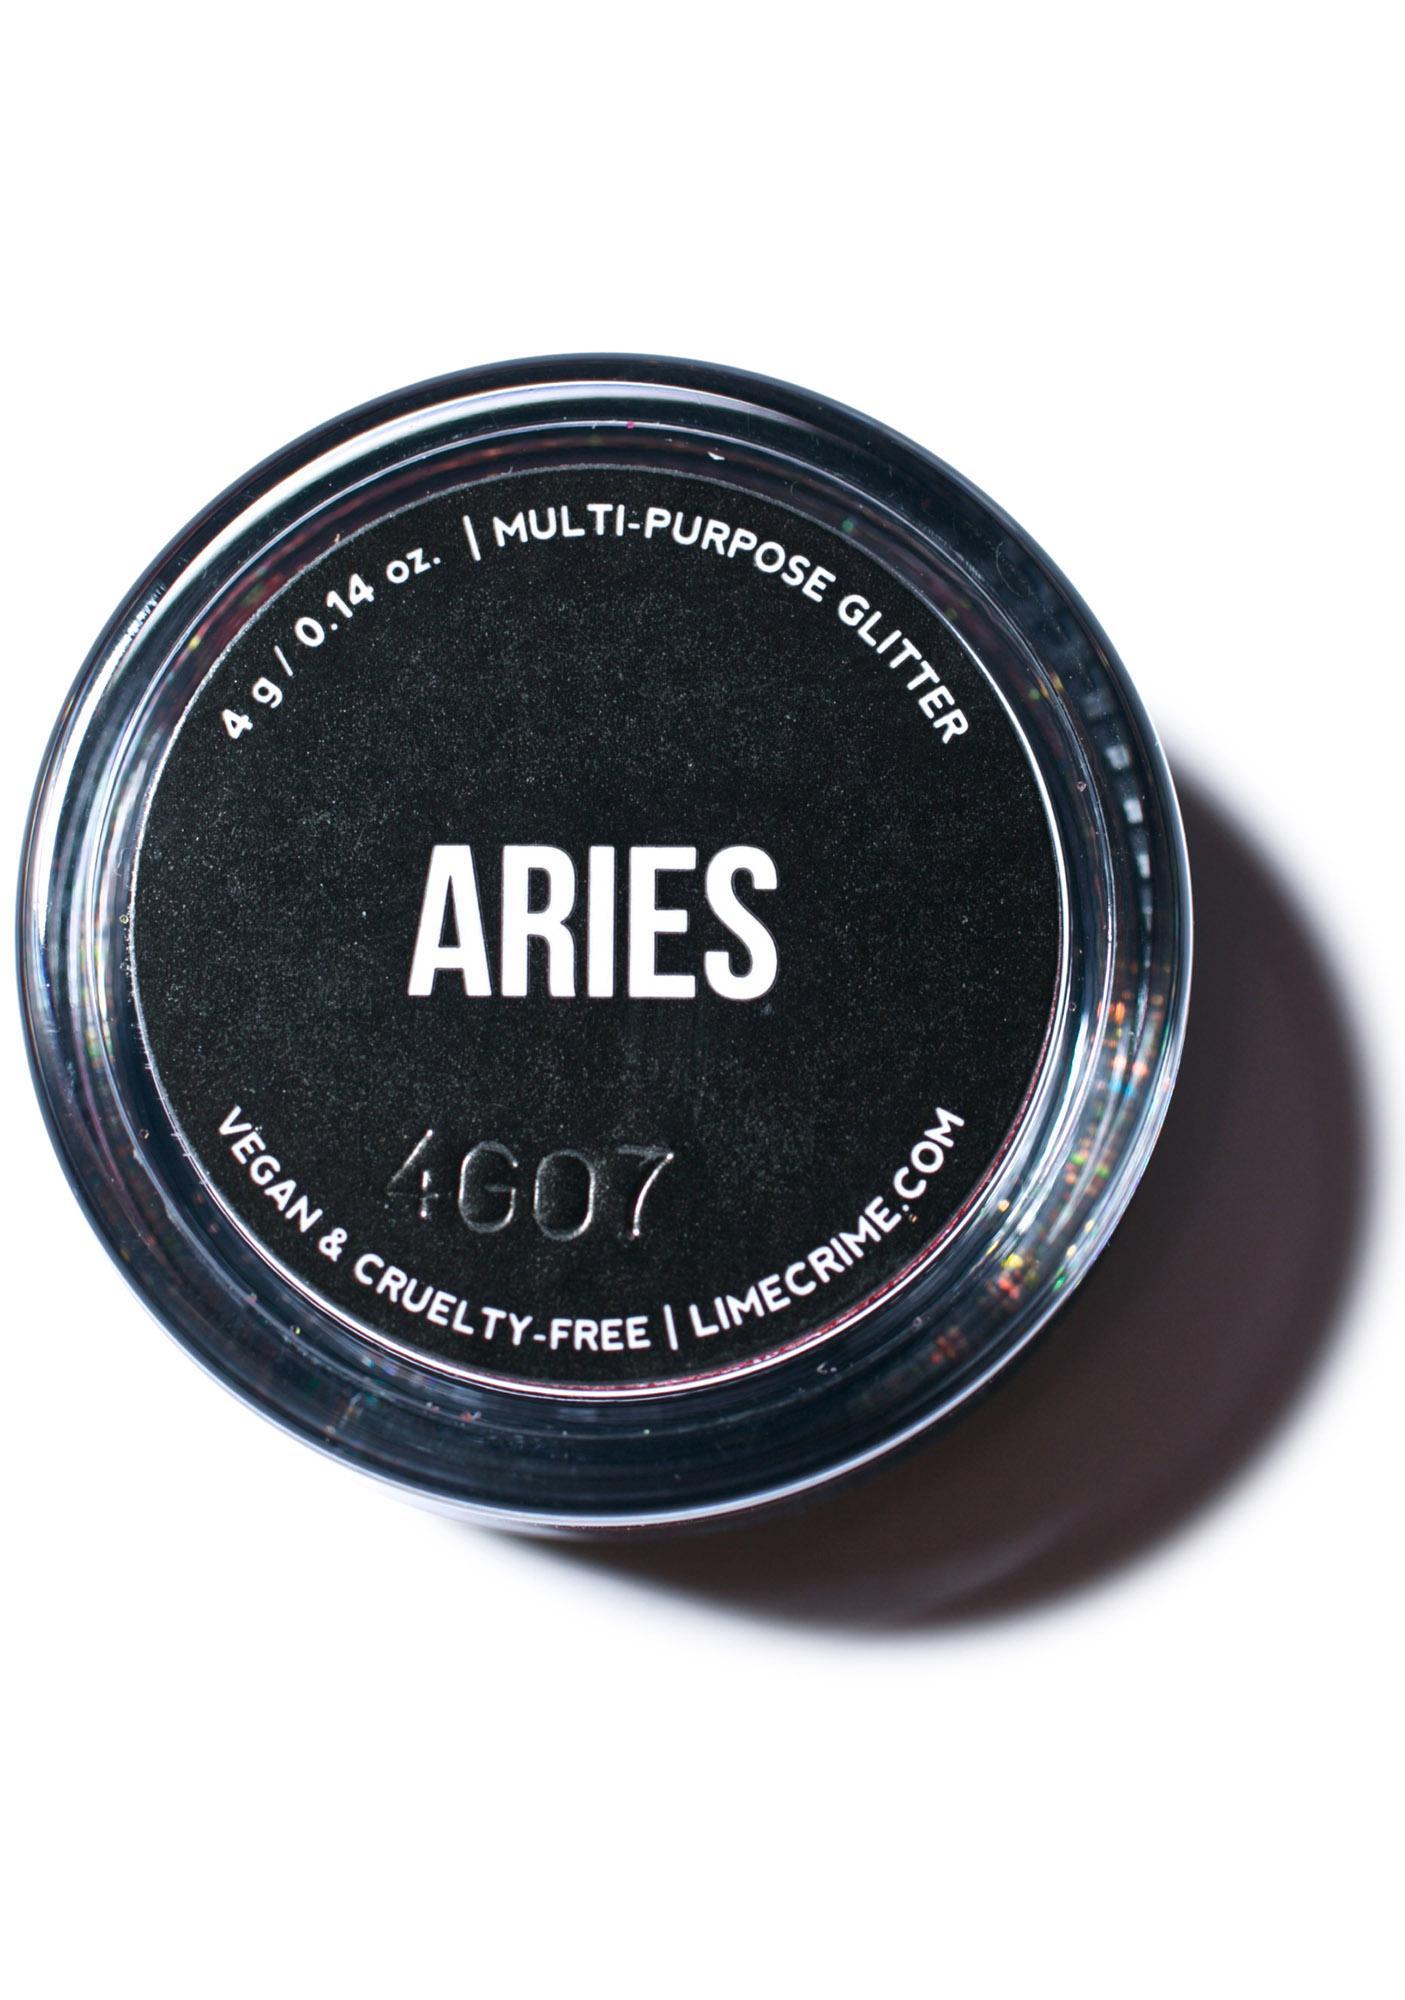 Lime Crime Aries Zodiac Eye Glitter